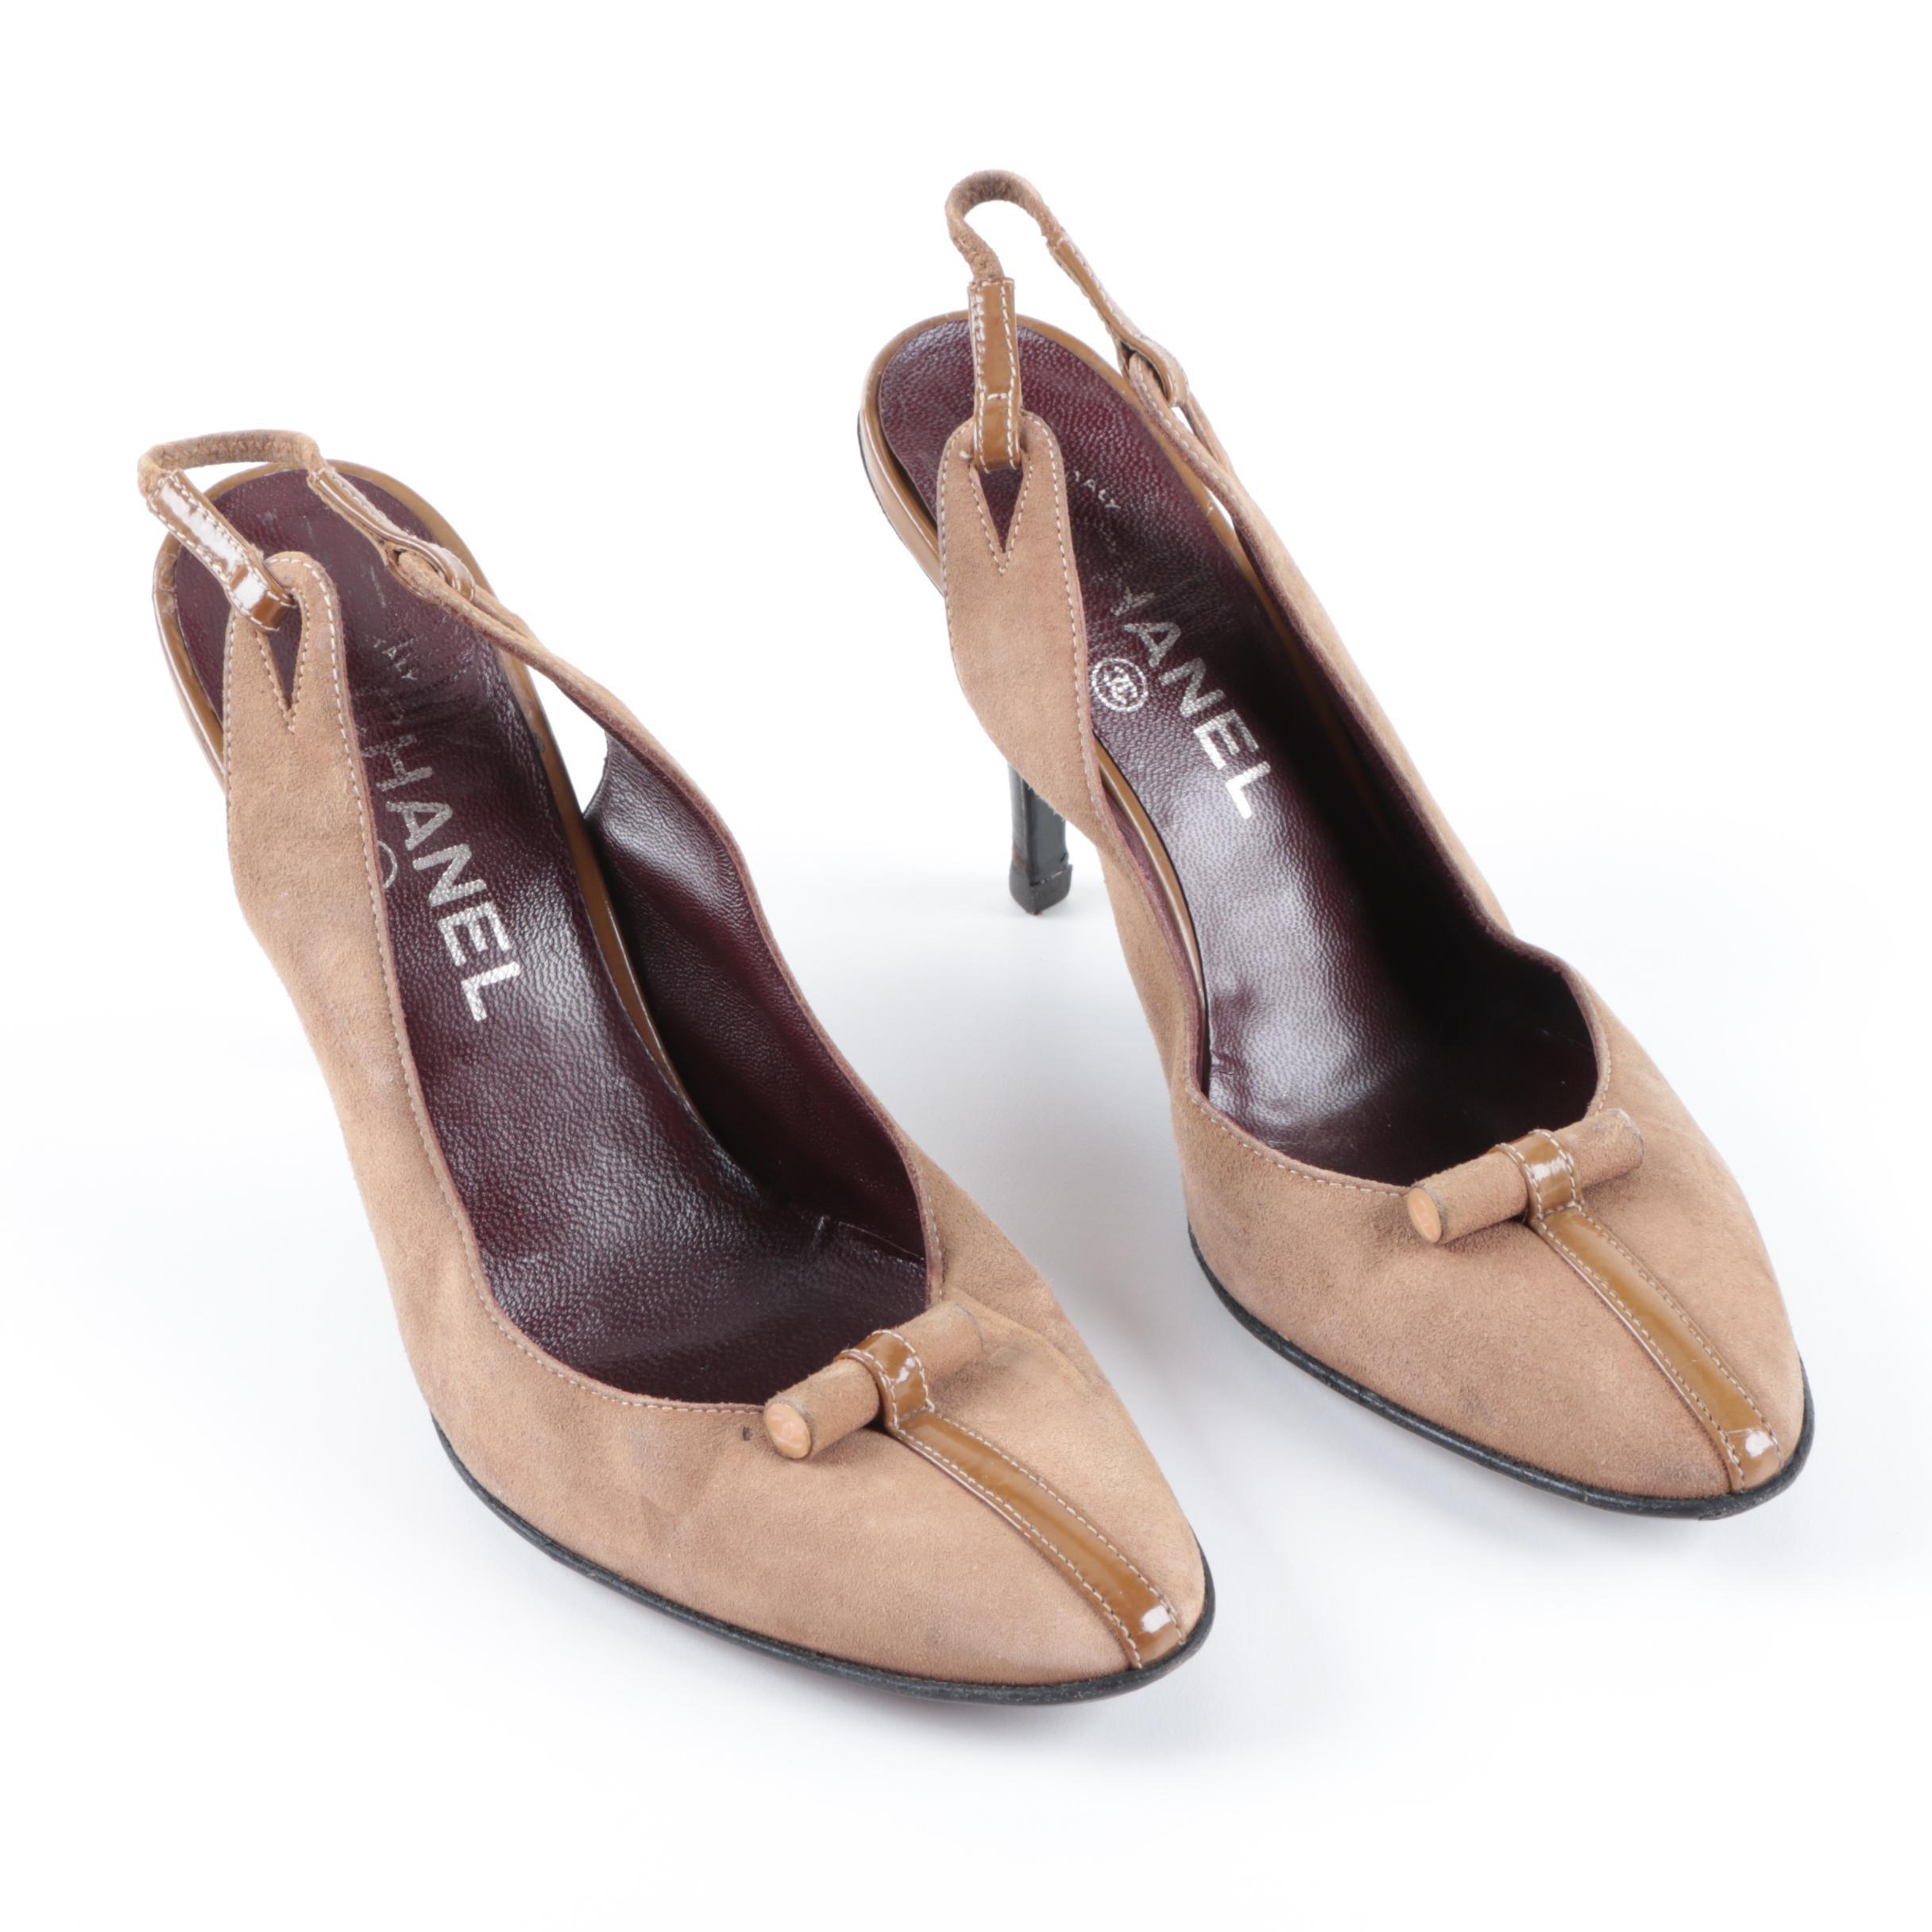 Women's Chanel Suede Slingback Heels